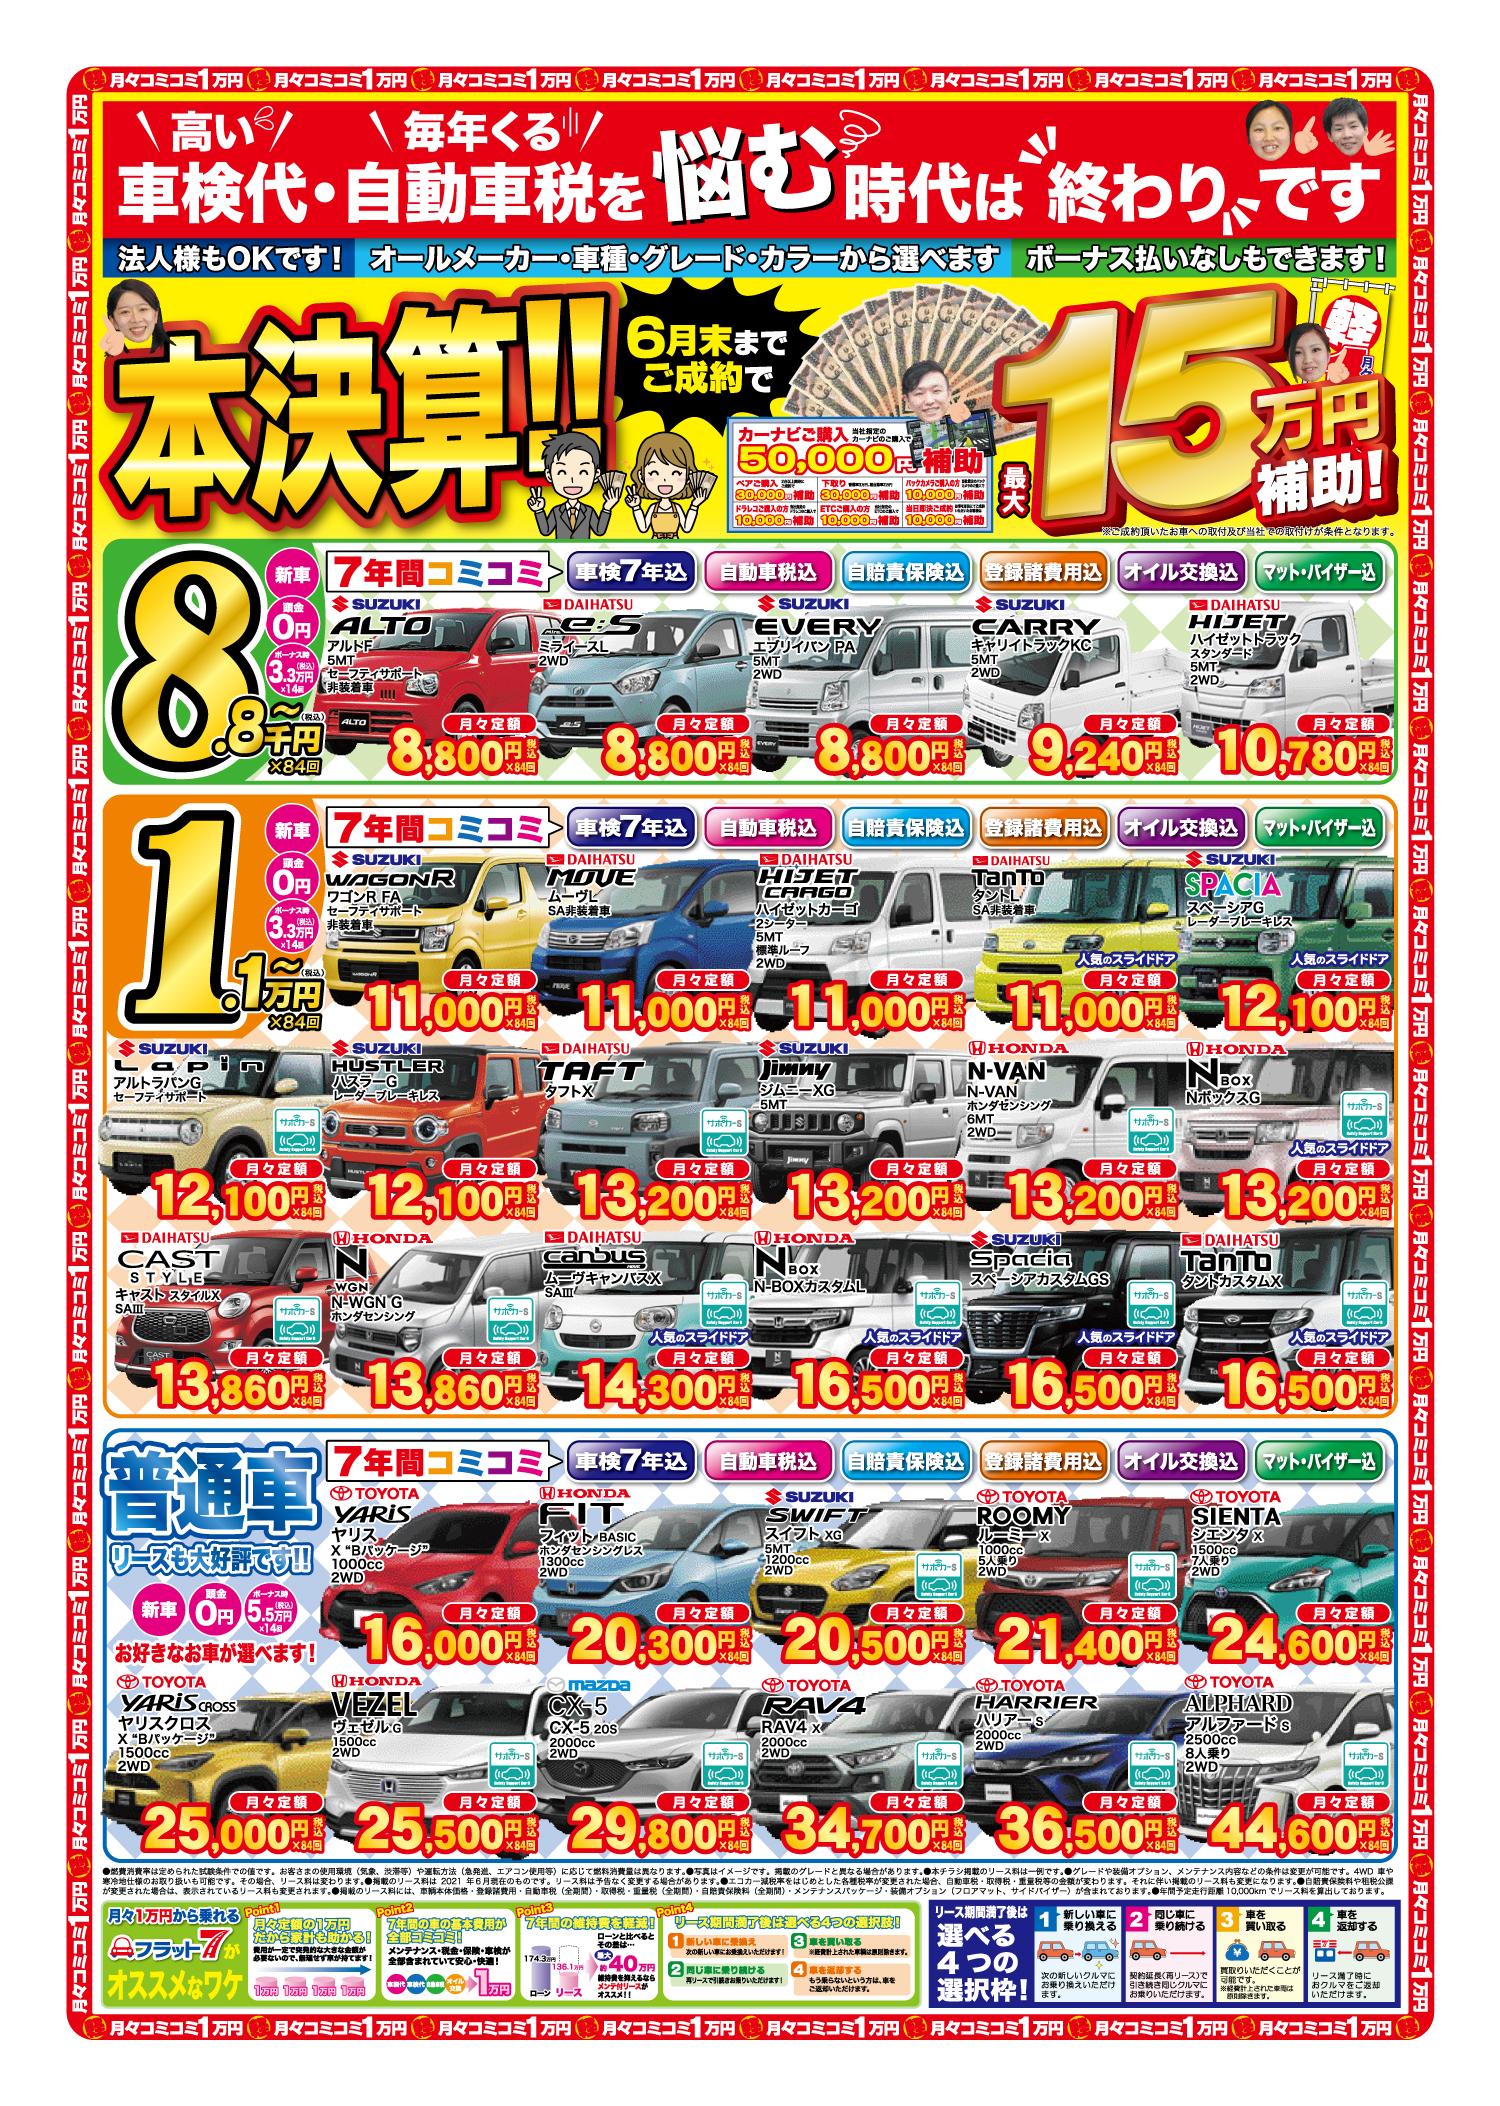 【本決算】最大15万円補助!